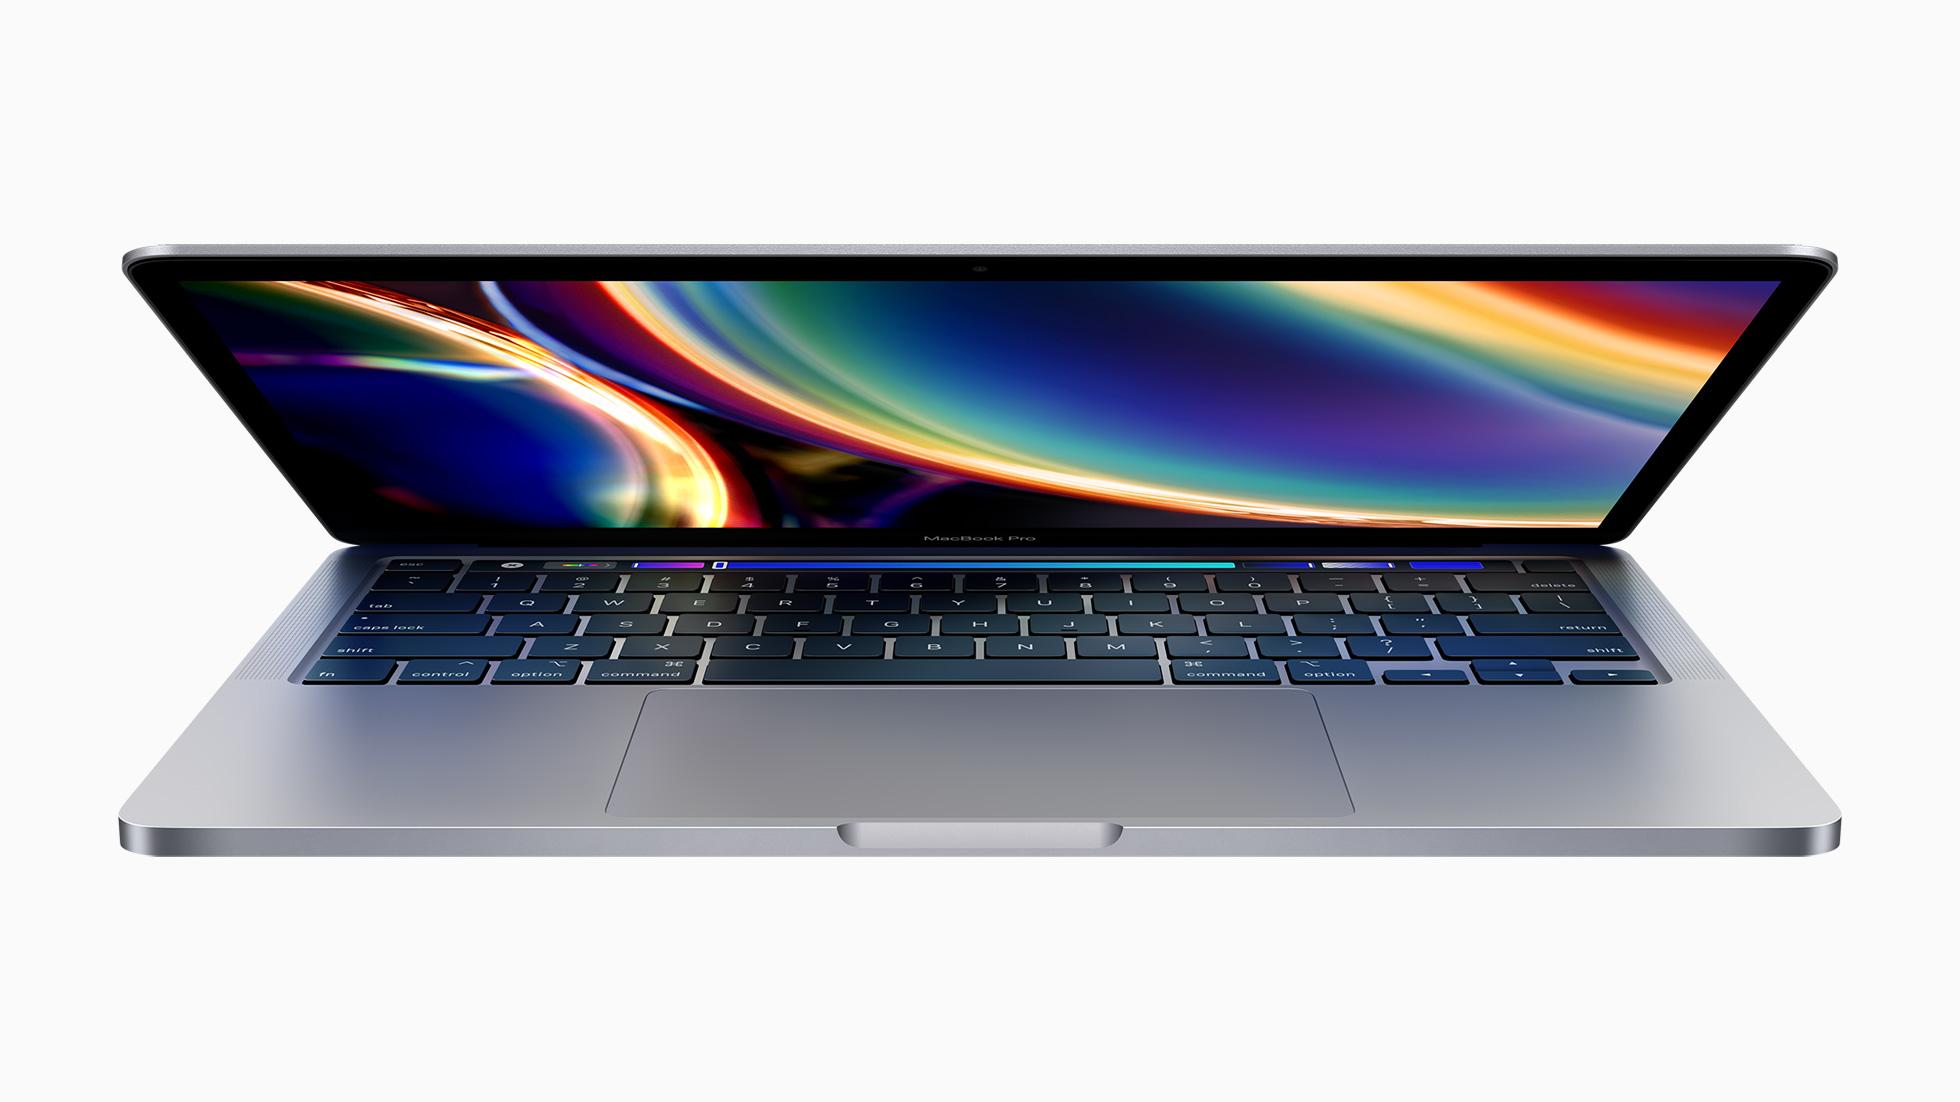 MacBook Pro รุ่น 13 นิ้ว รุ่นใหม่ มาพร้อม Magic Keyboard โปรเซสเซอร์รุ่นที่ 10 เร็วและแรงขึ้น ราคาเริ่มต้นที่ 42,900 บาท